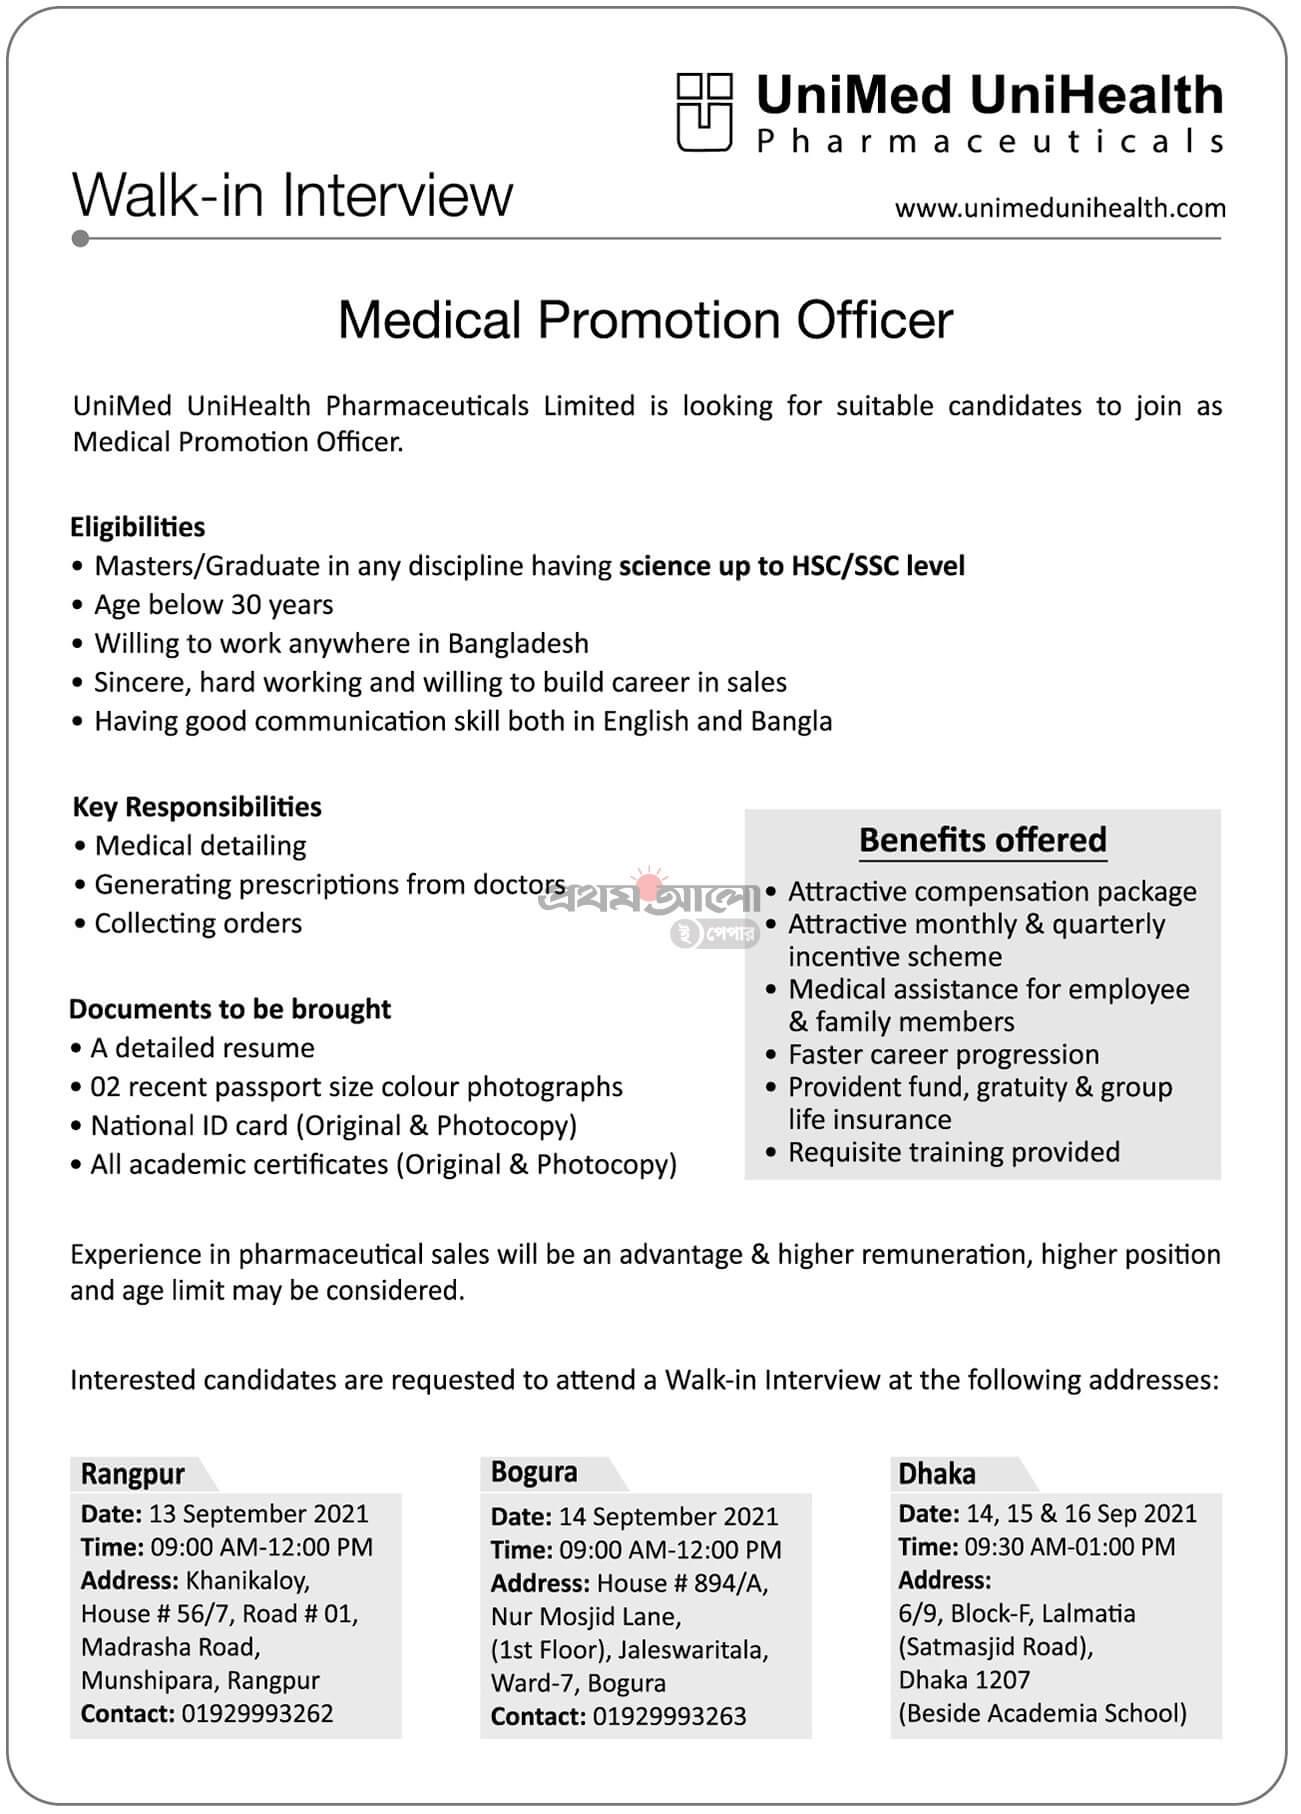 Unimed Unihealth Pharmaceuticals Job Circular image 2021